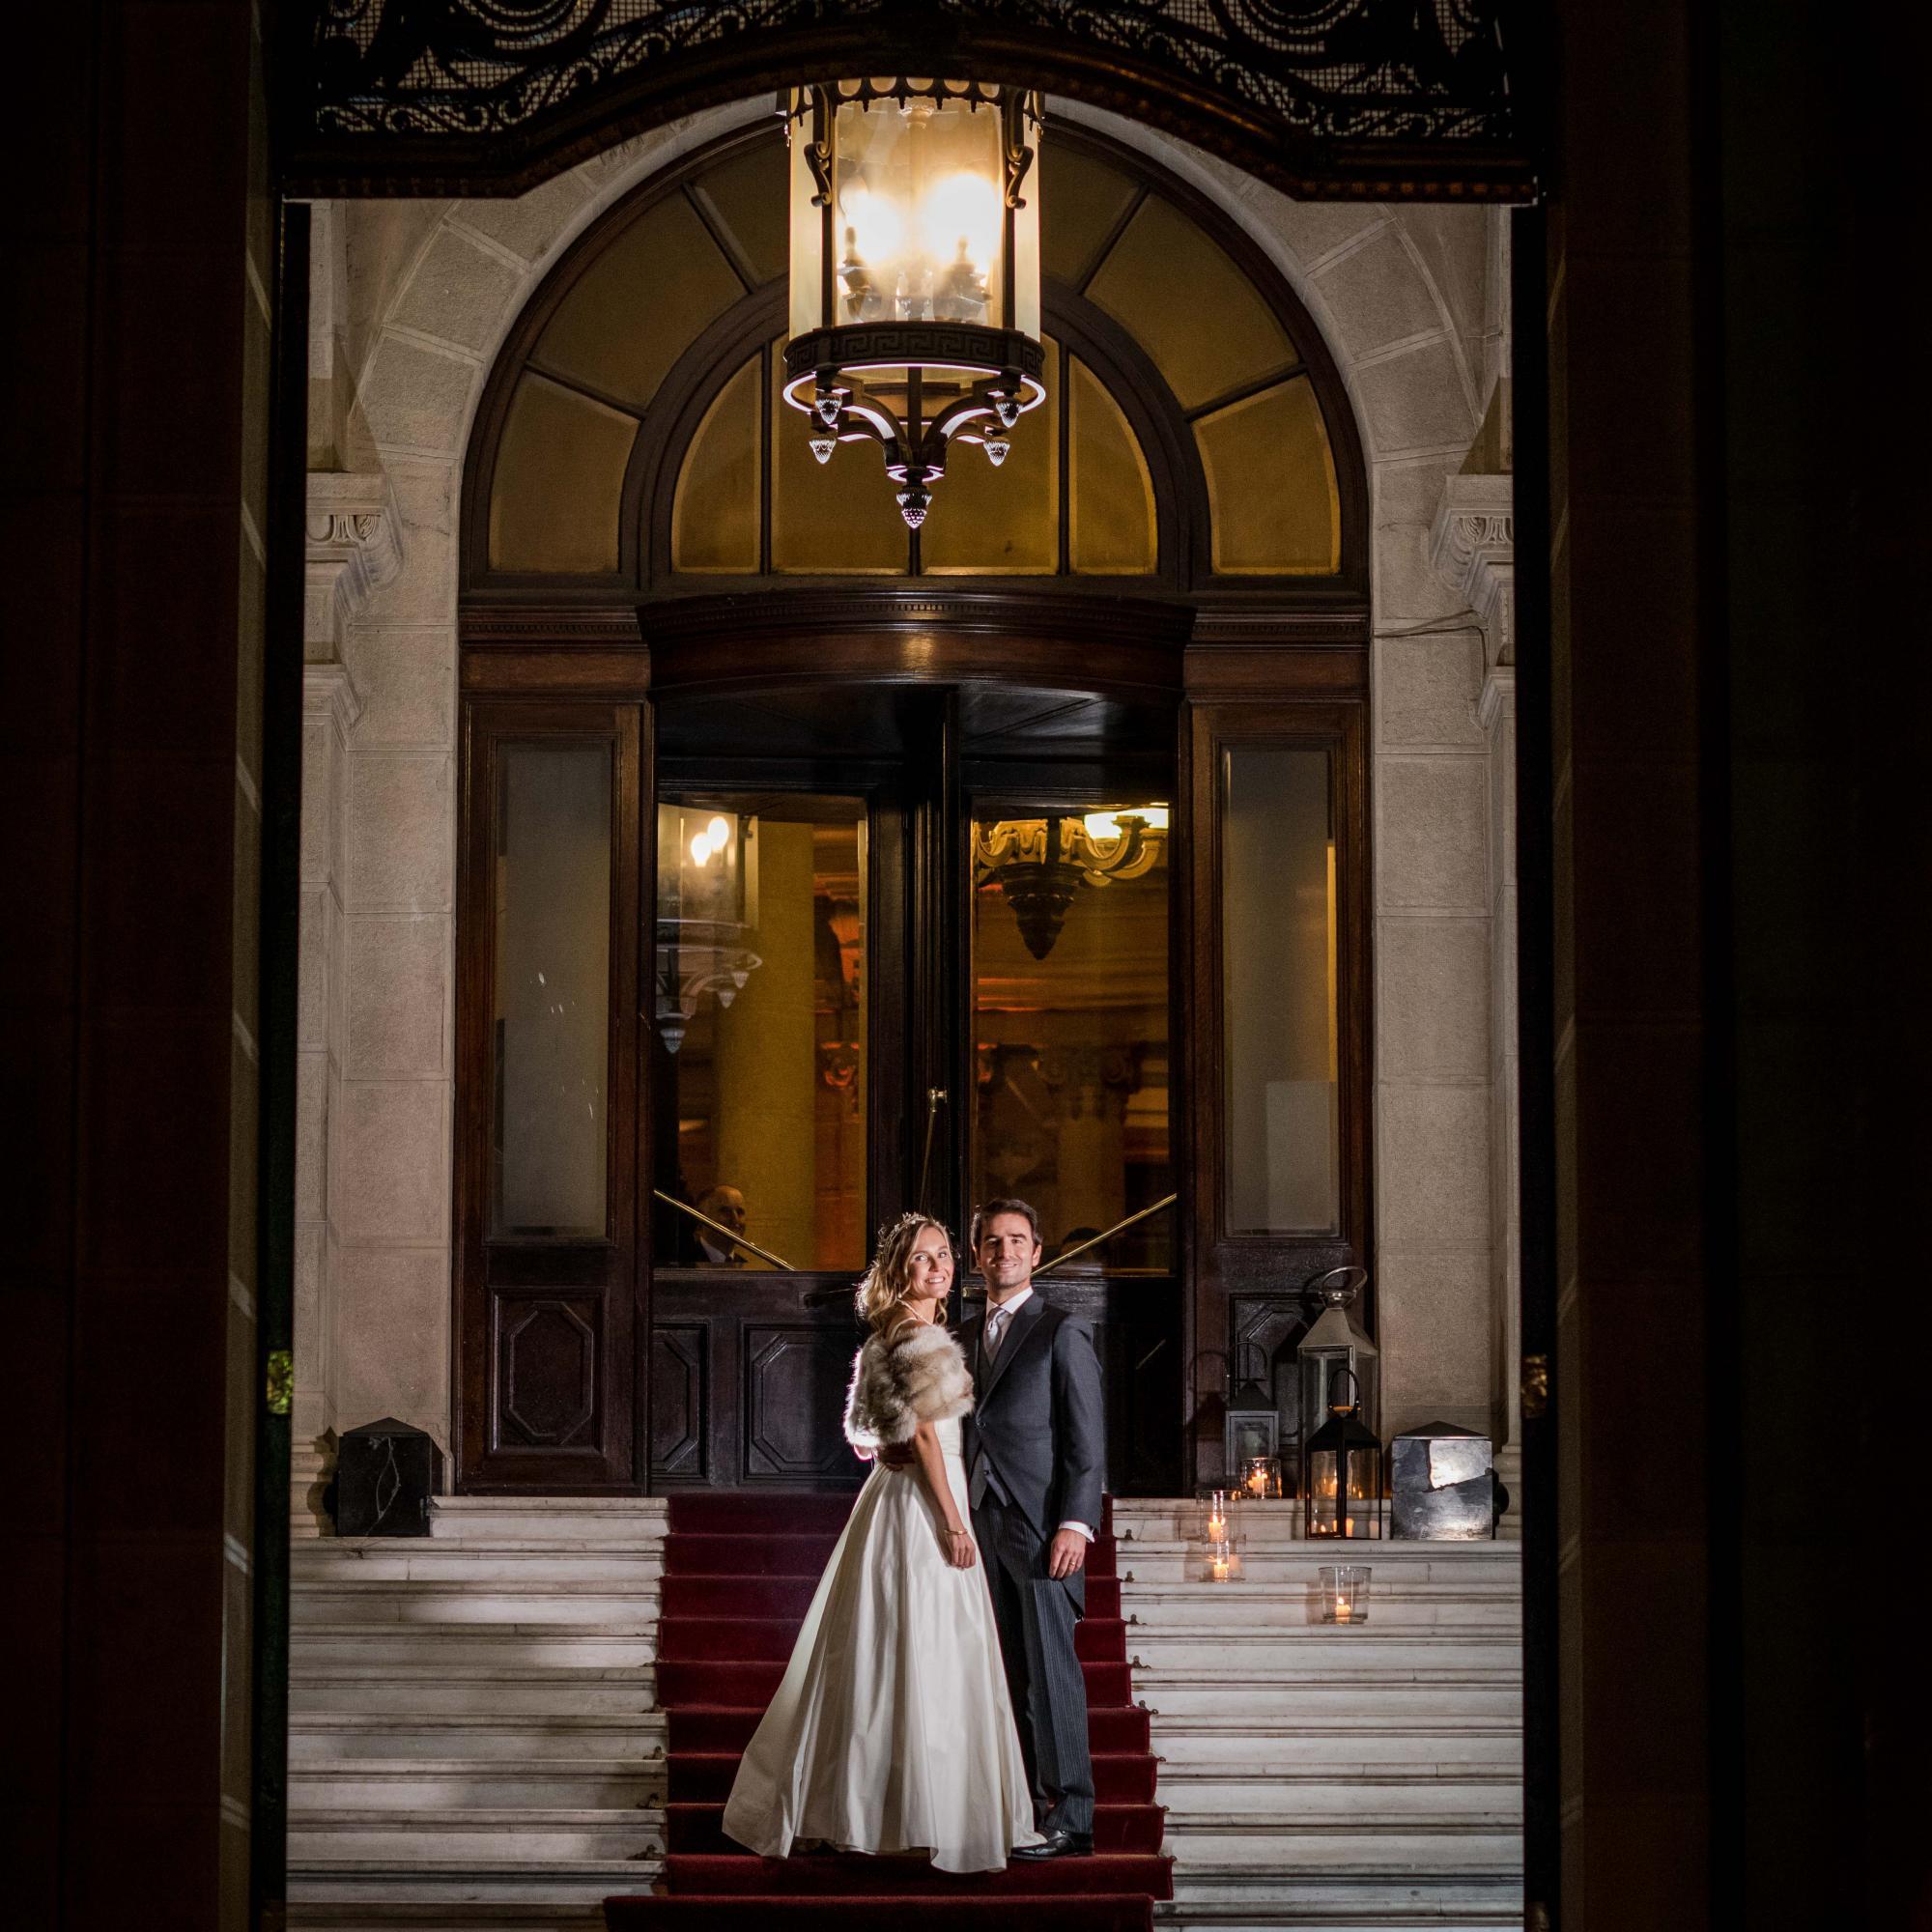 Matrimonio en Club de la Union, Santiago, Chile